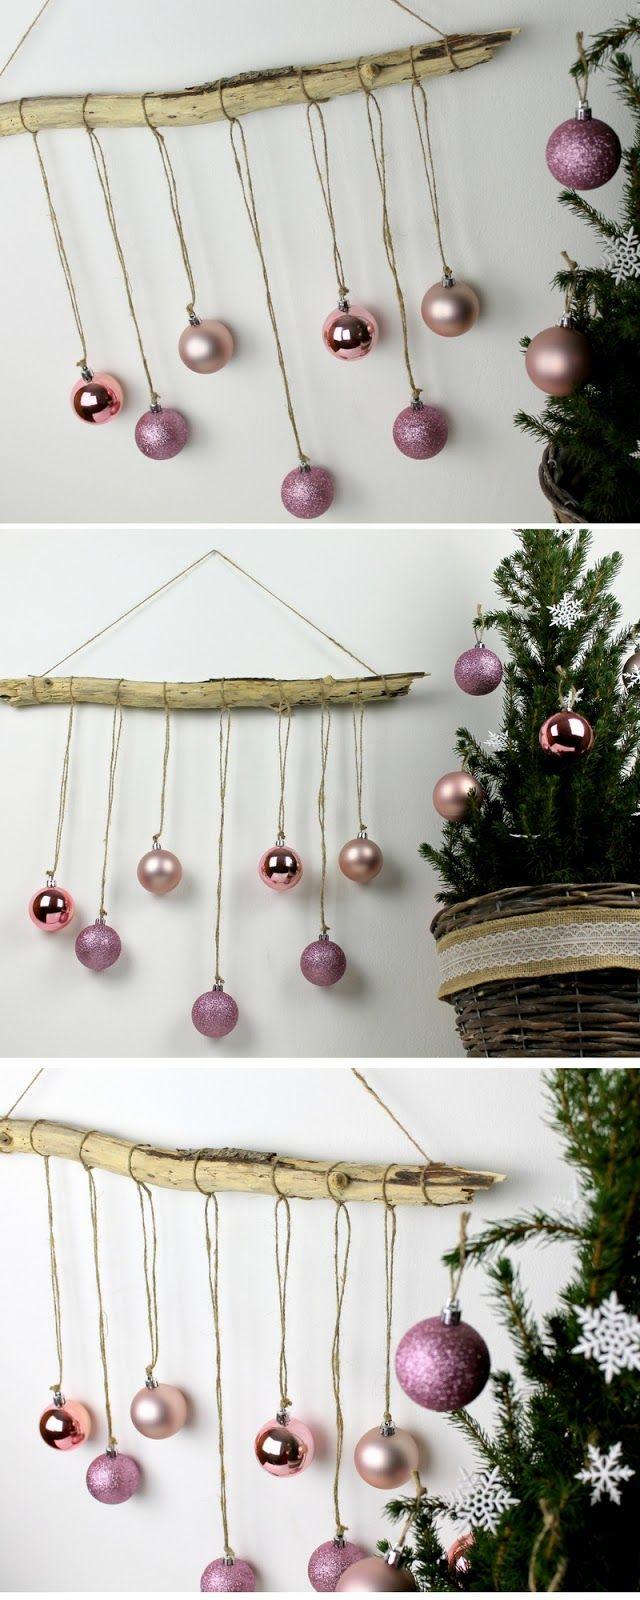 Deko Ideen Aus Holz Selber Machen Luxus ☆ Diy Ausgefallene Weihnachtliche Wanddekoration Aus